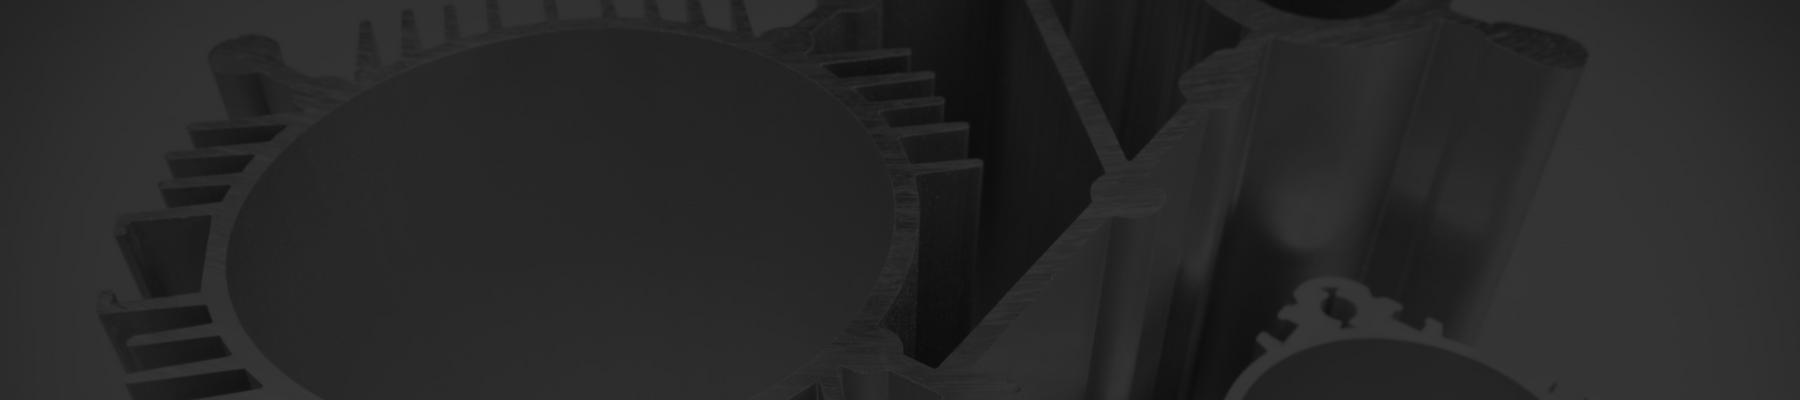 aluminium extrusion quotes